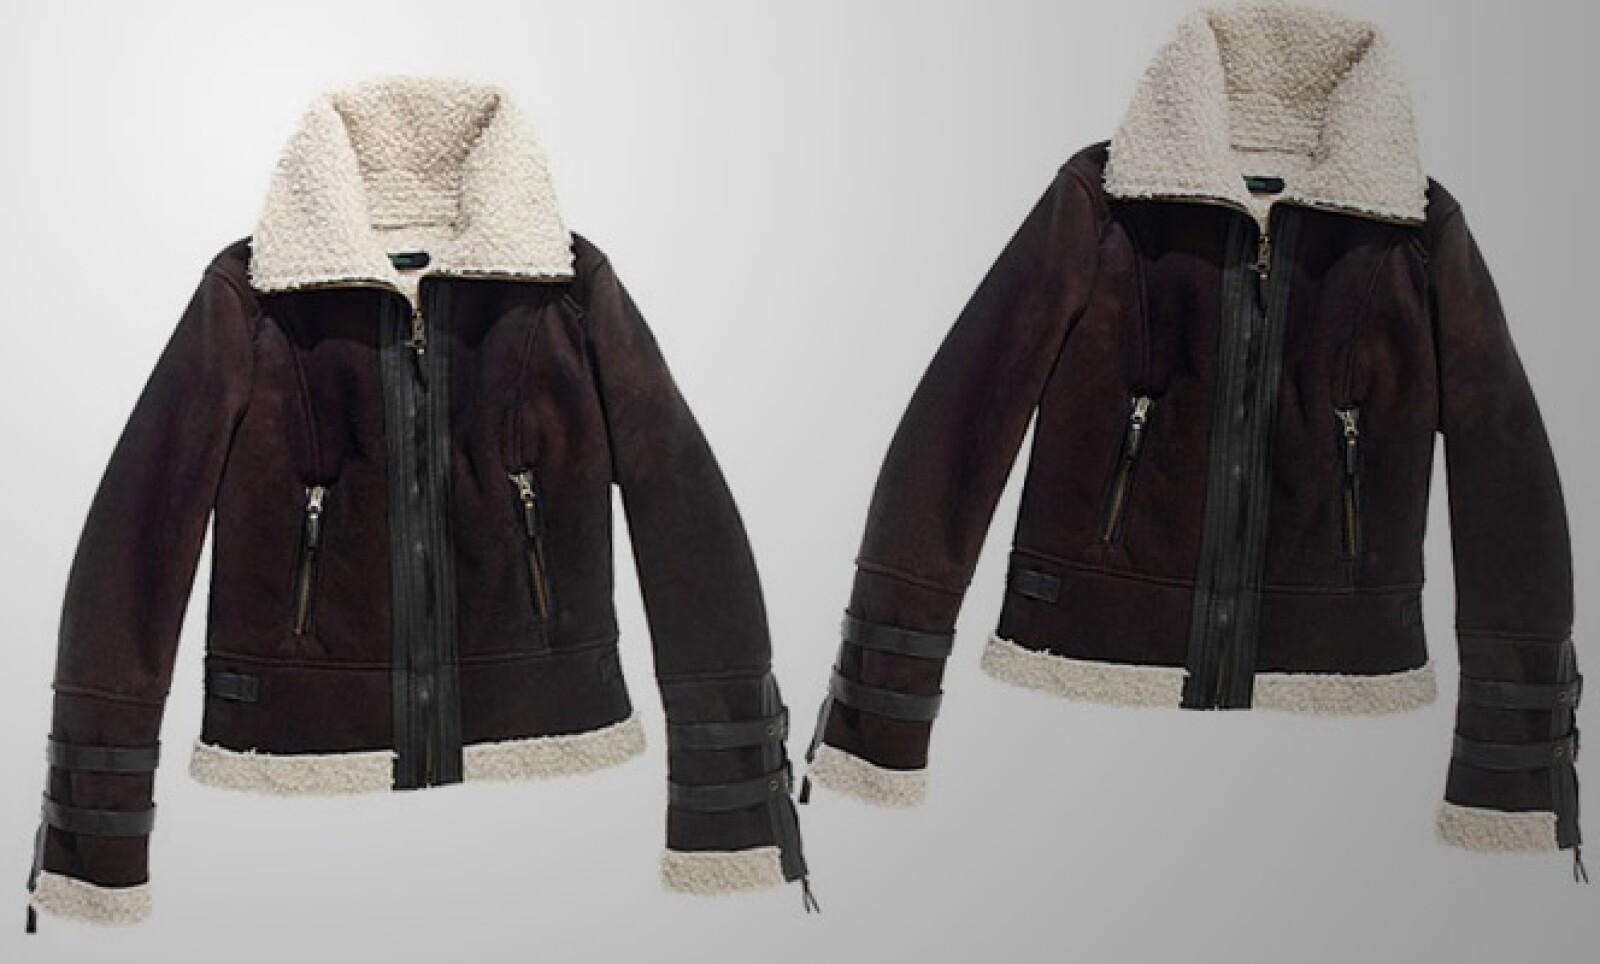 Esta chamarra de piel de borrego te puede proteger contra el frío de las mañanas.